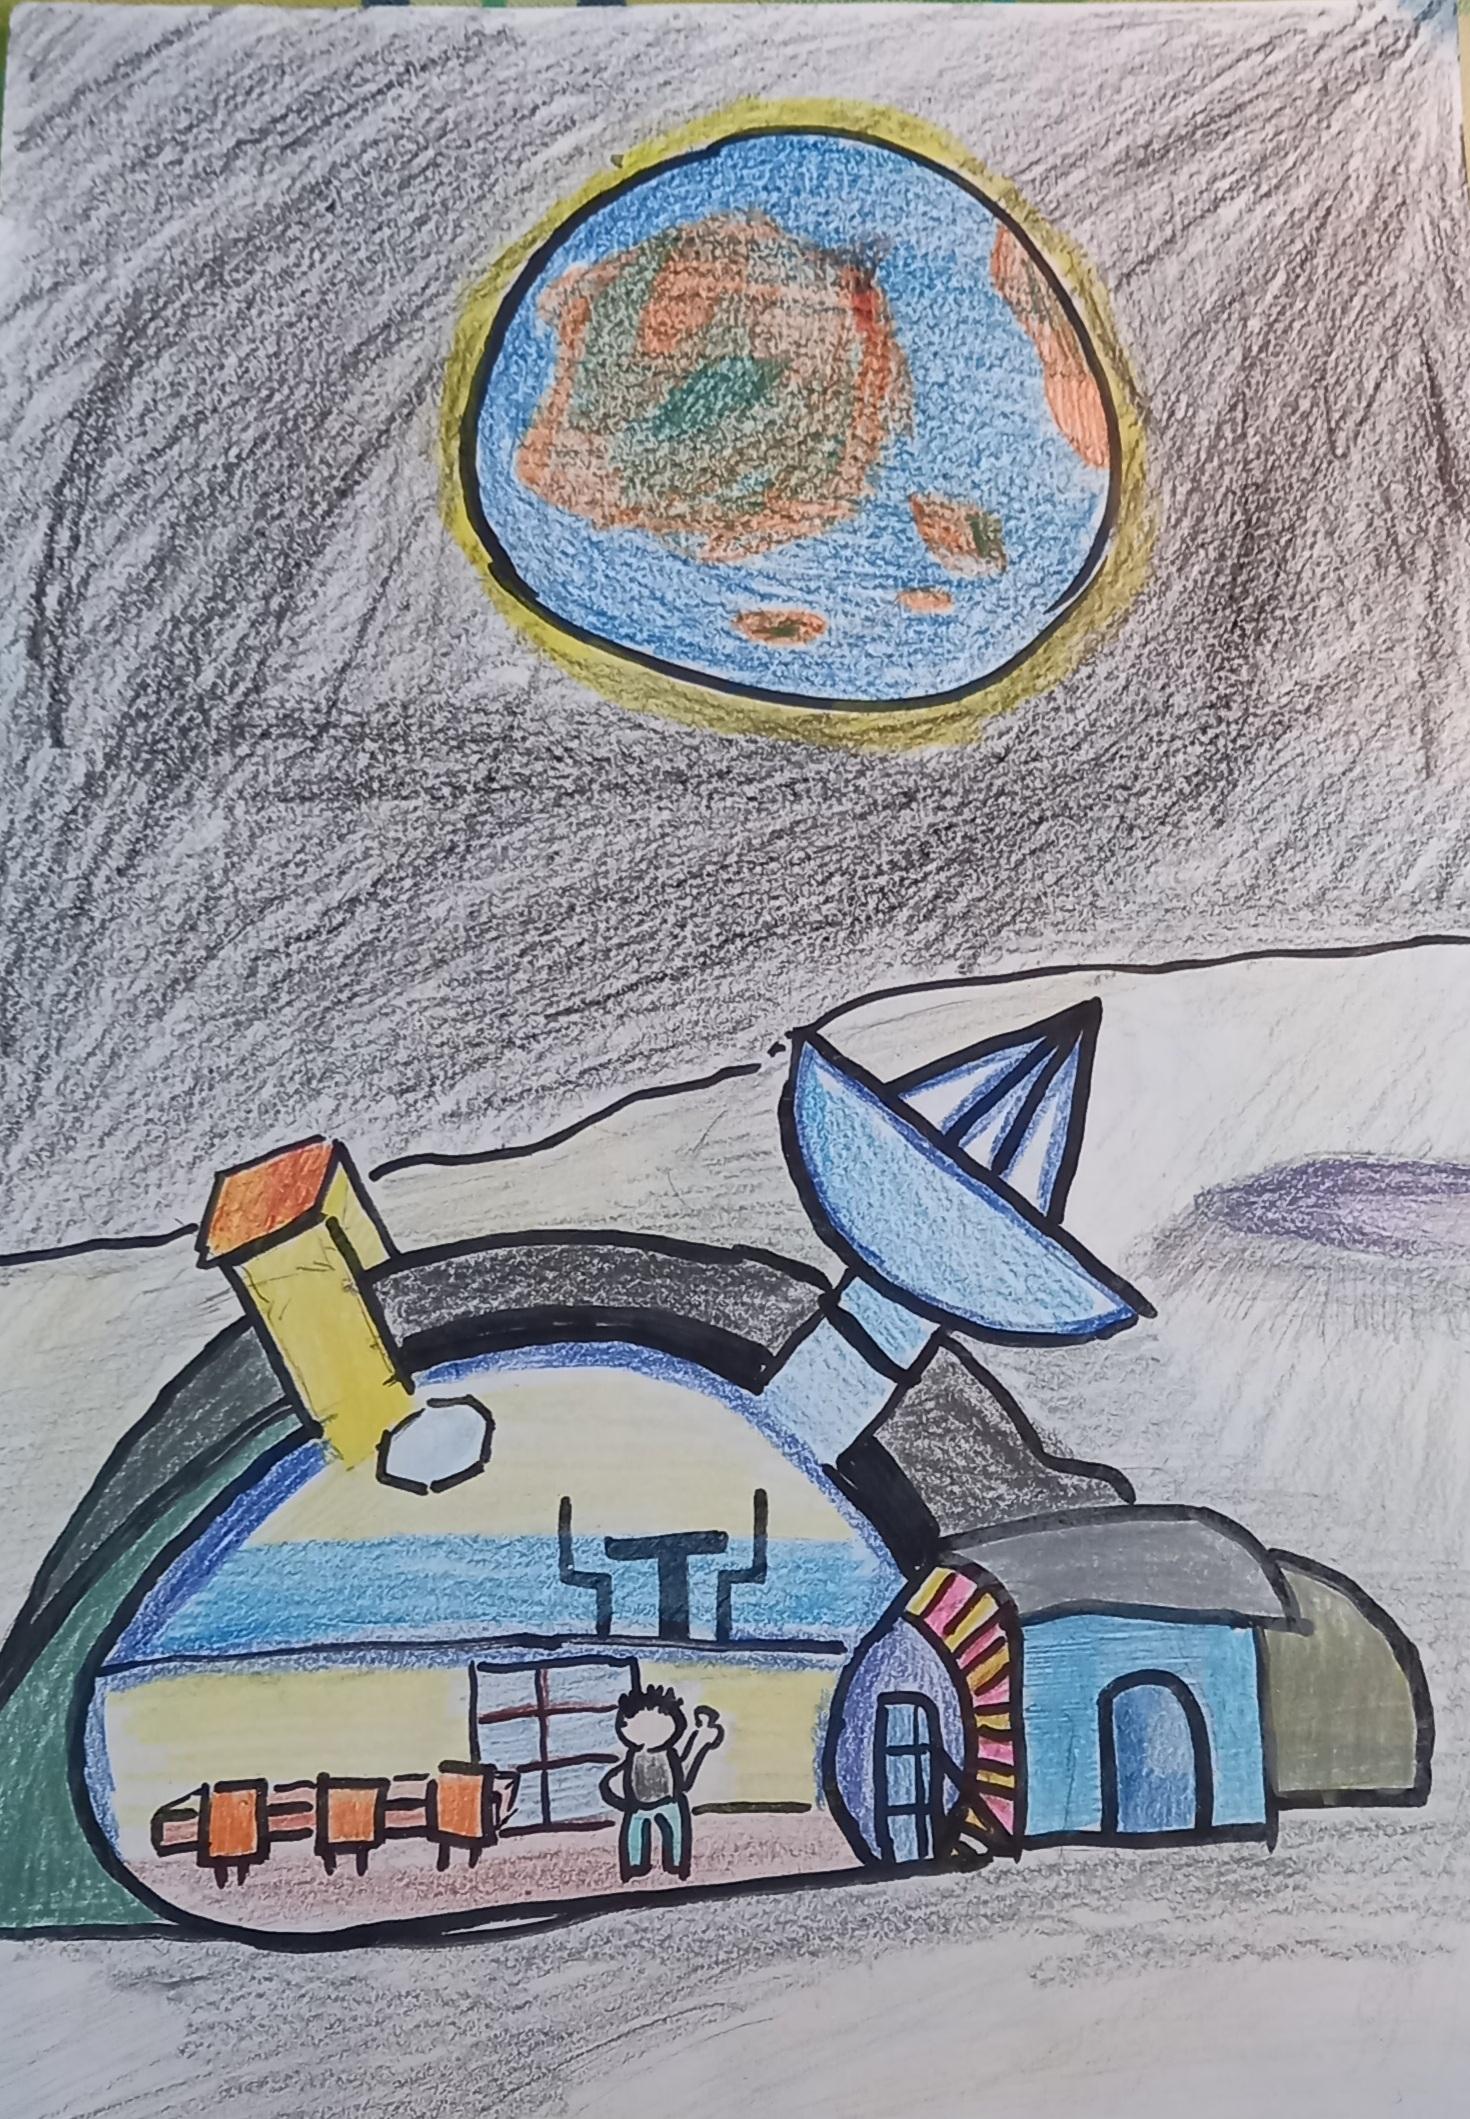 109s2★w18-19-20★GS33 0614-0702  月全食的月球看地球